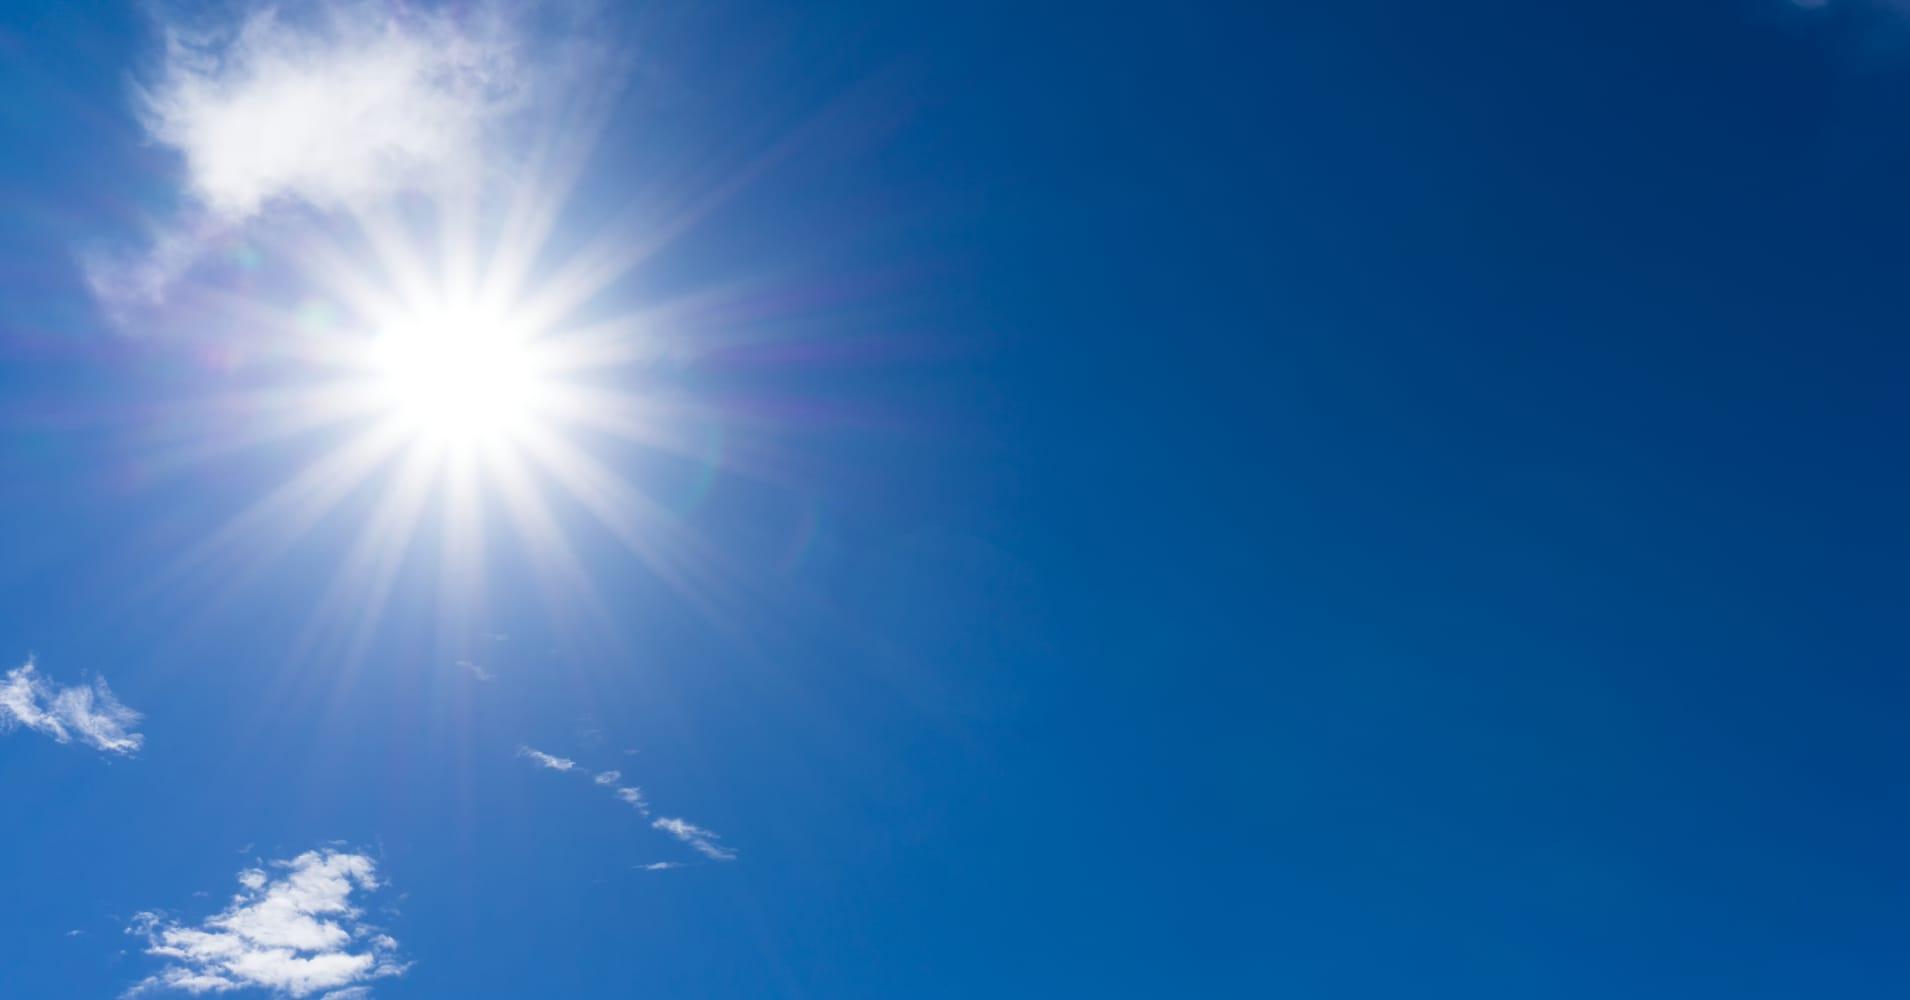 Enel begins construction on 475-megawatt Brazilian solar park